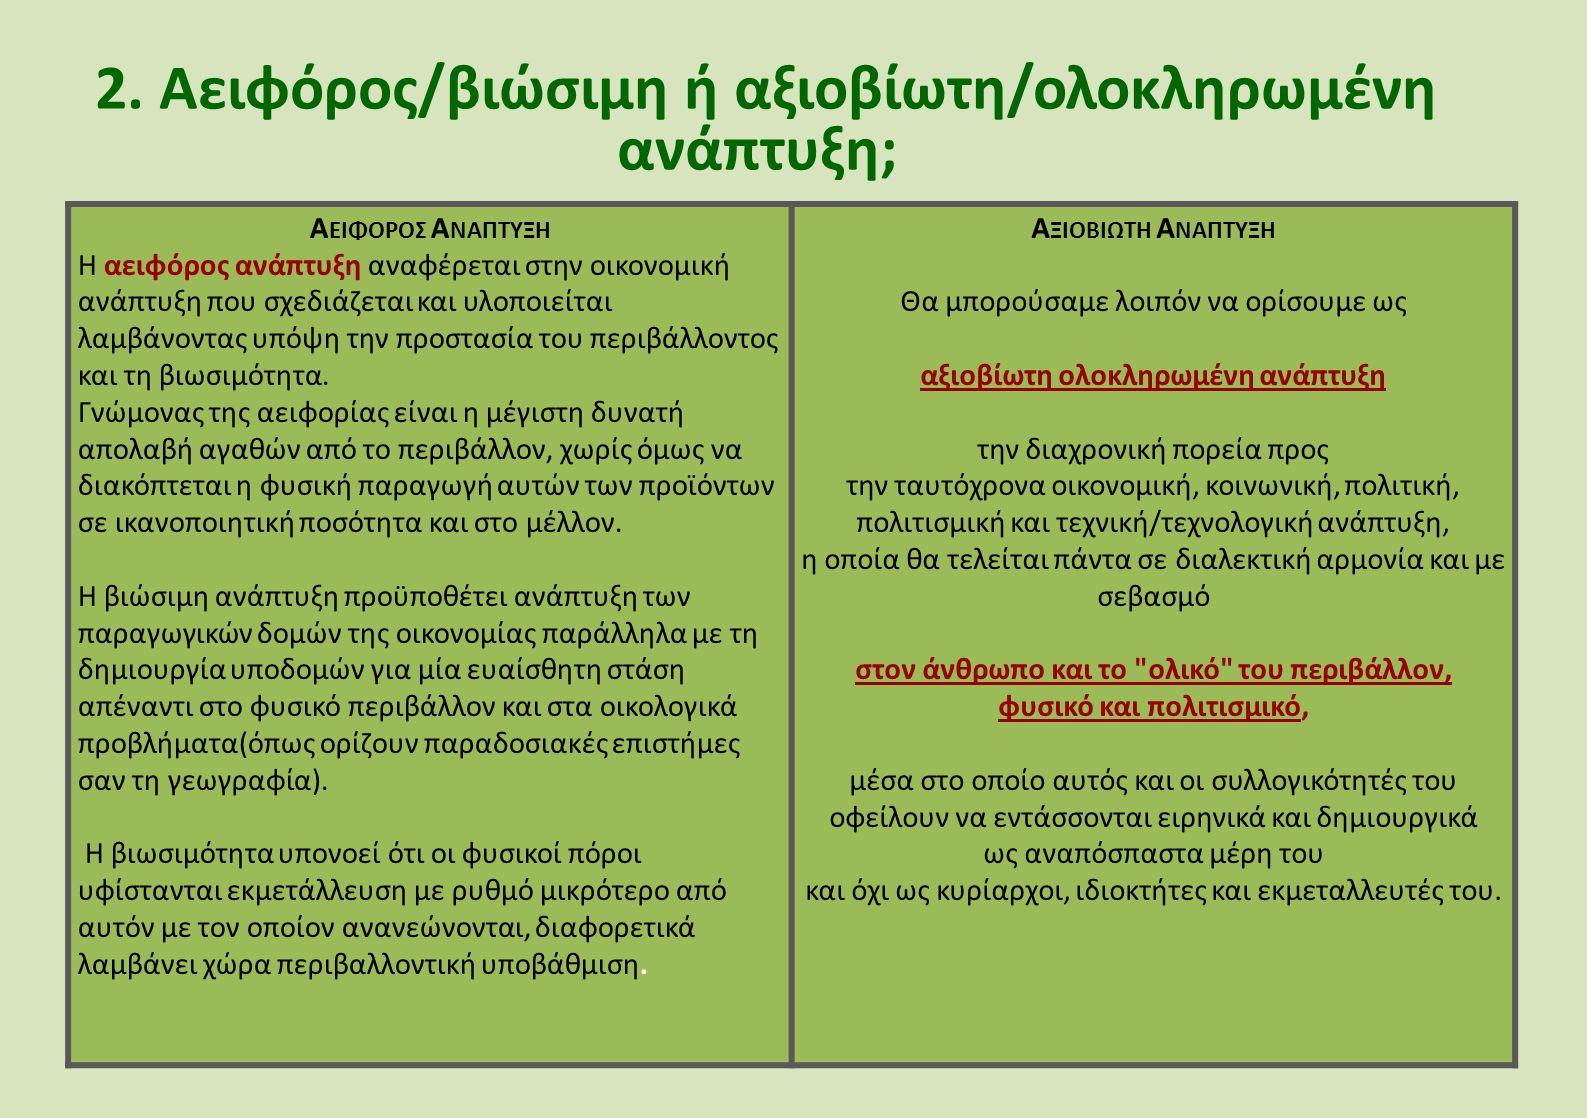 2. Αειφόρος/βιώσιμη ή αξιοβίωτη/ολοκληρωμένη ανάπτυξη;